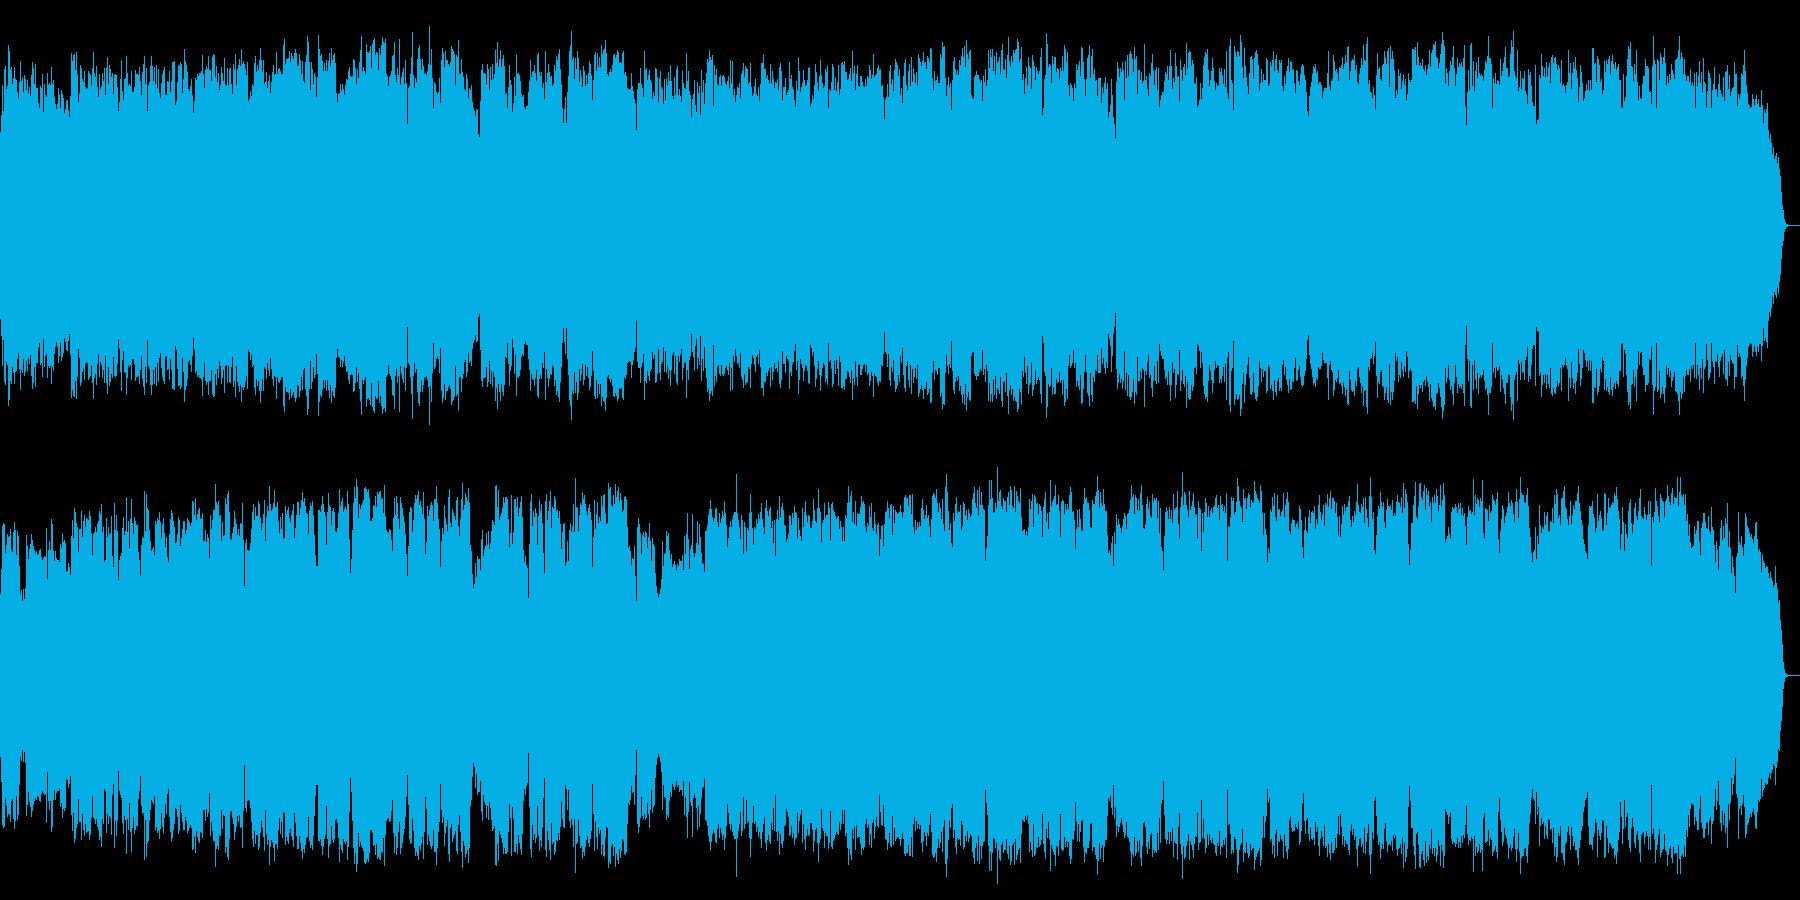 ピアノのアルペジオと弦楽器の心休まるメロの再生済みの波形